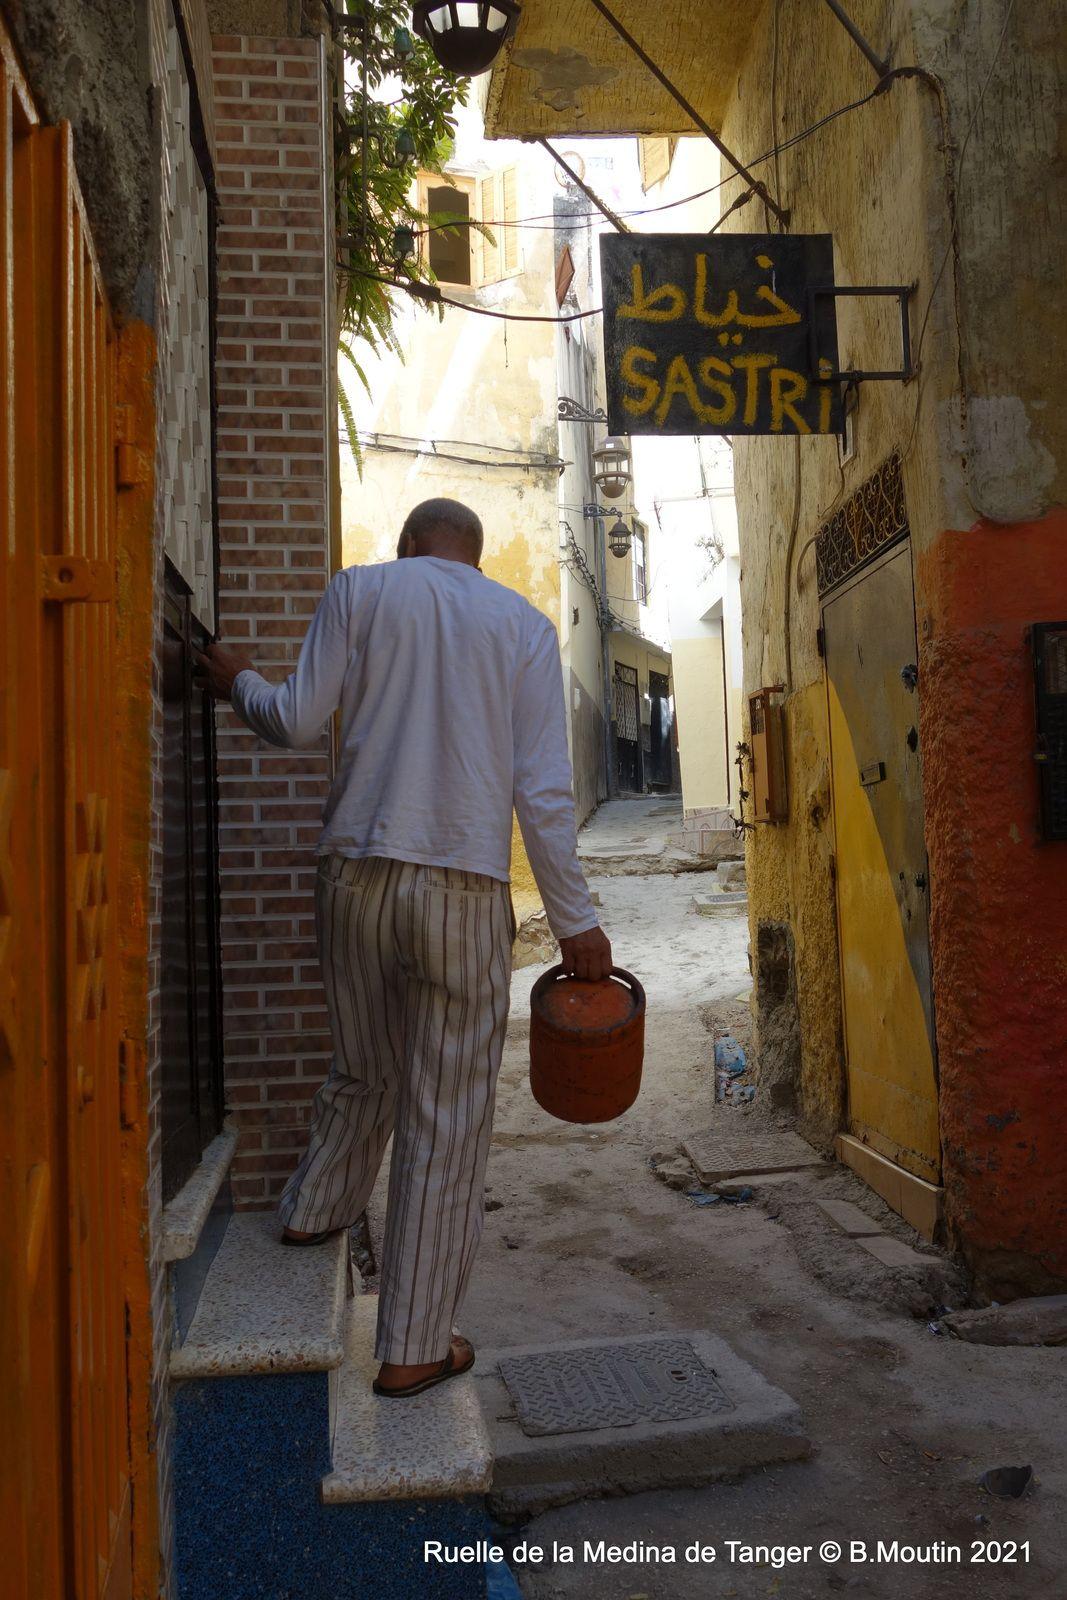 Ruelle de la medina de Tanger